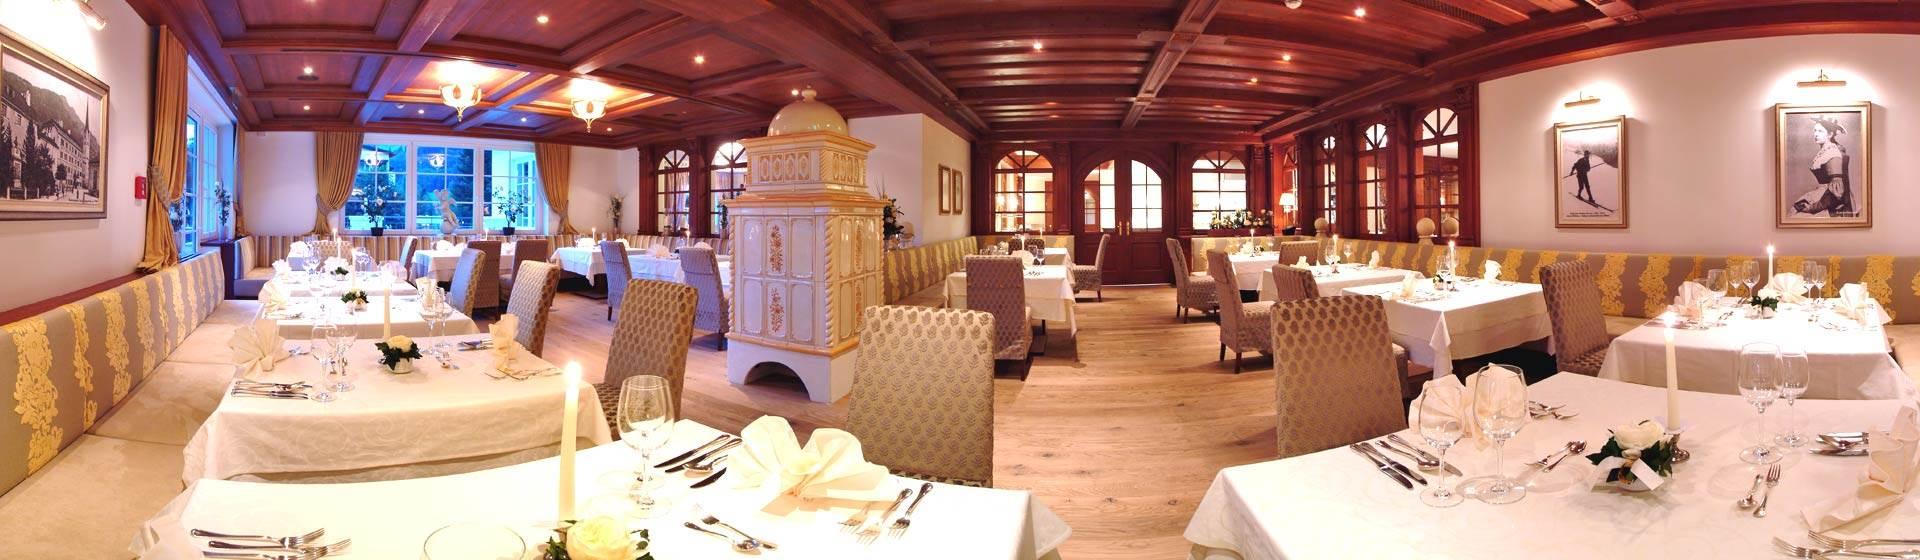 Rustikale Restaurant Stube mit gedeckten Tischen